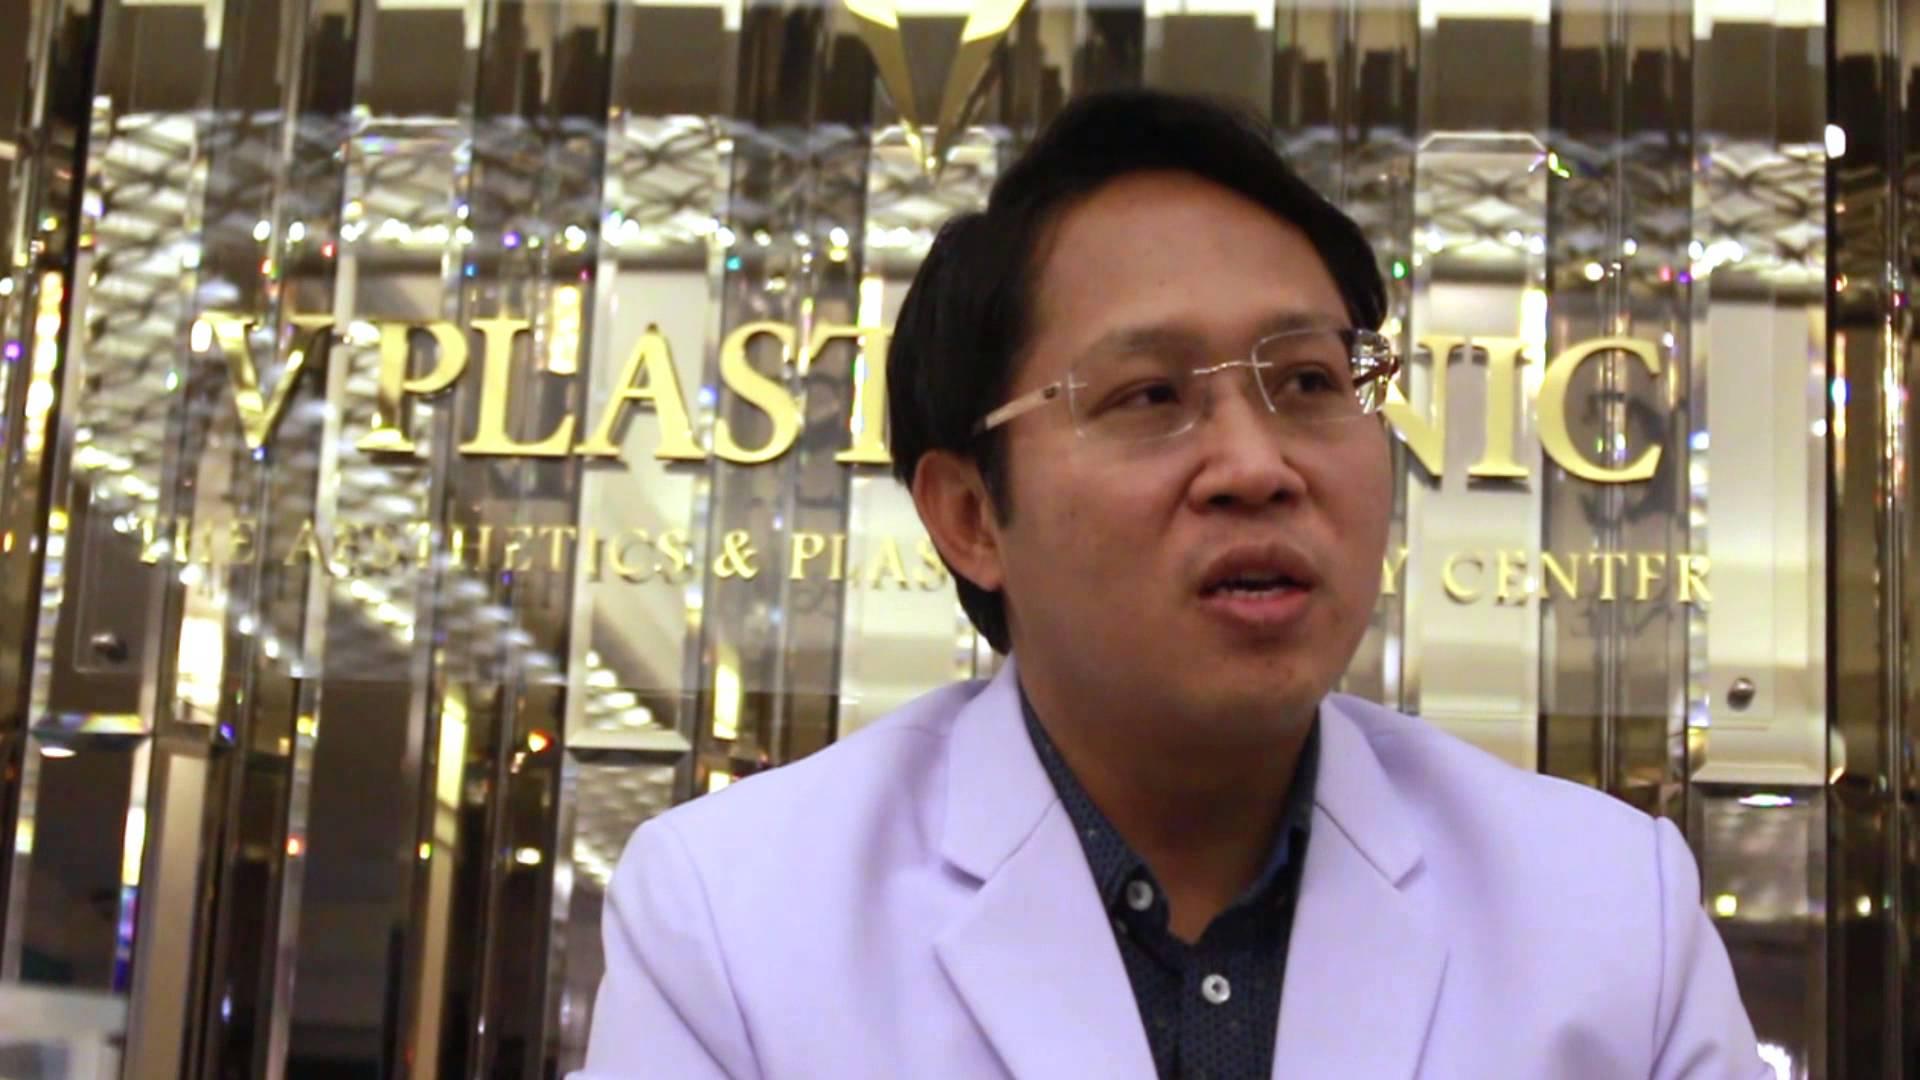 เสริมคาง ที่ V Plast Clinic